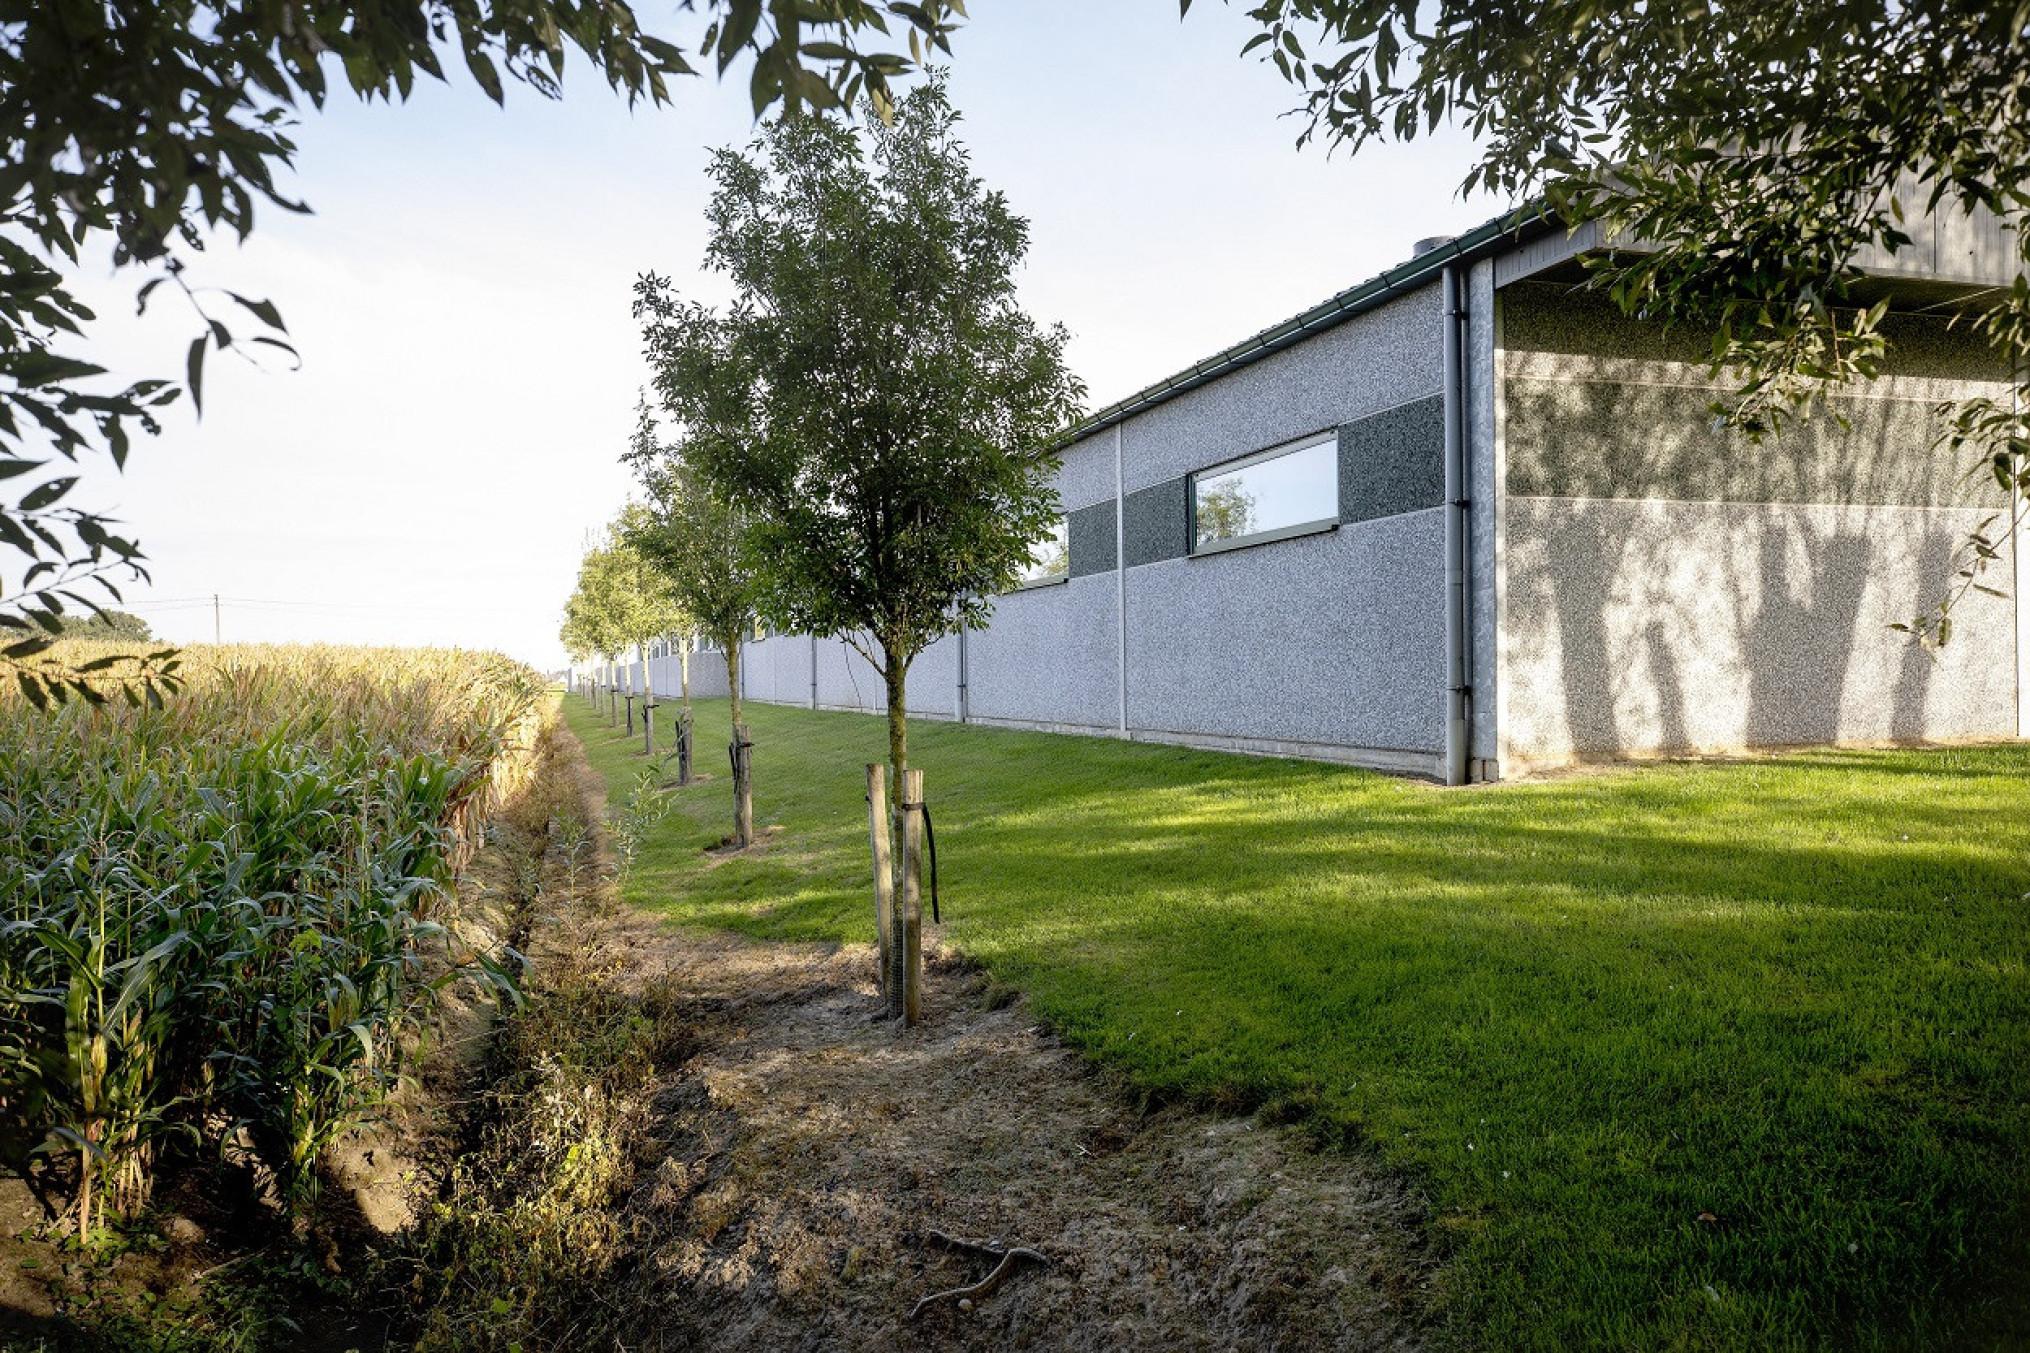 aanplanting-houtkant-landschap-Inagro-2-1250